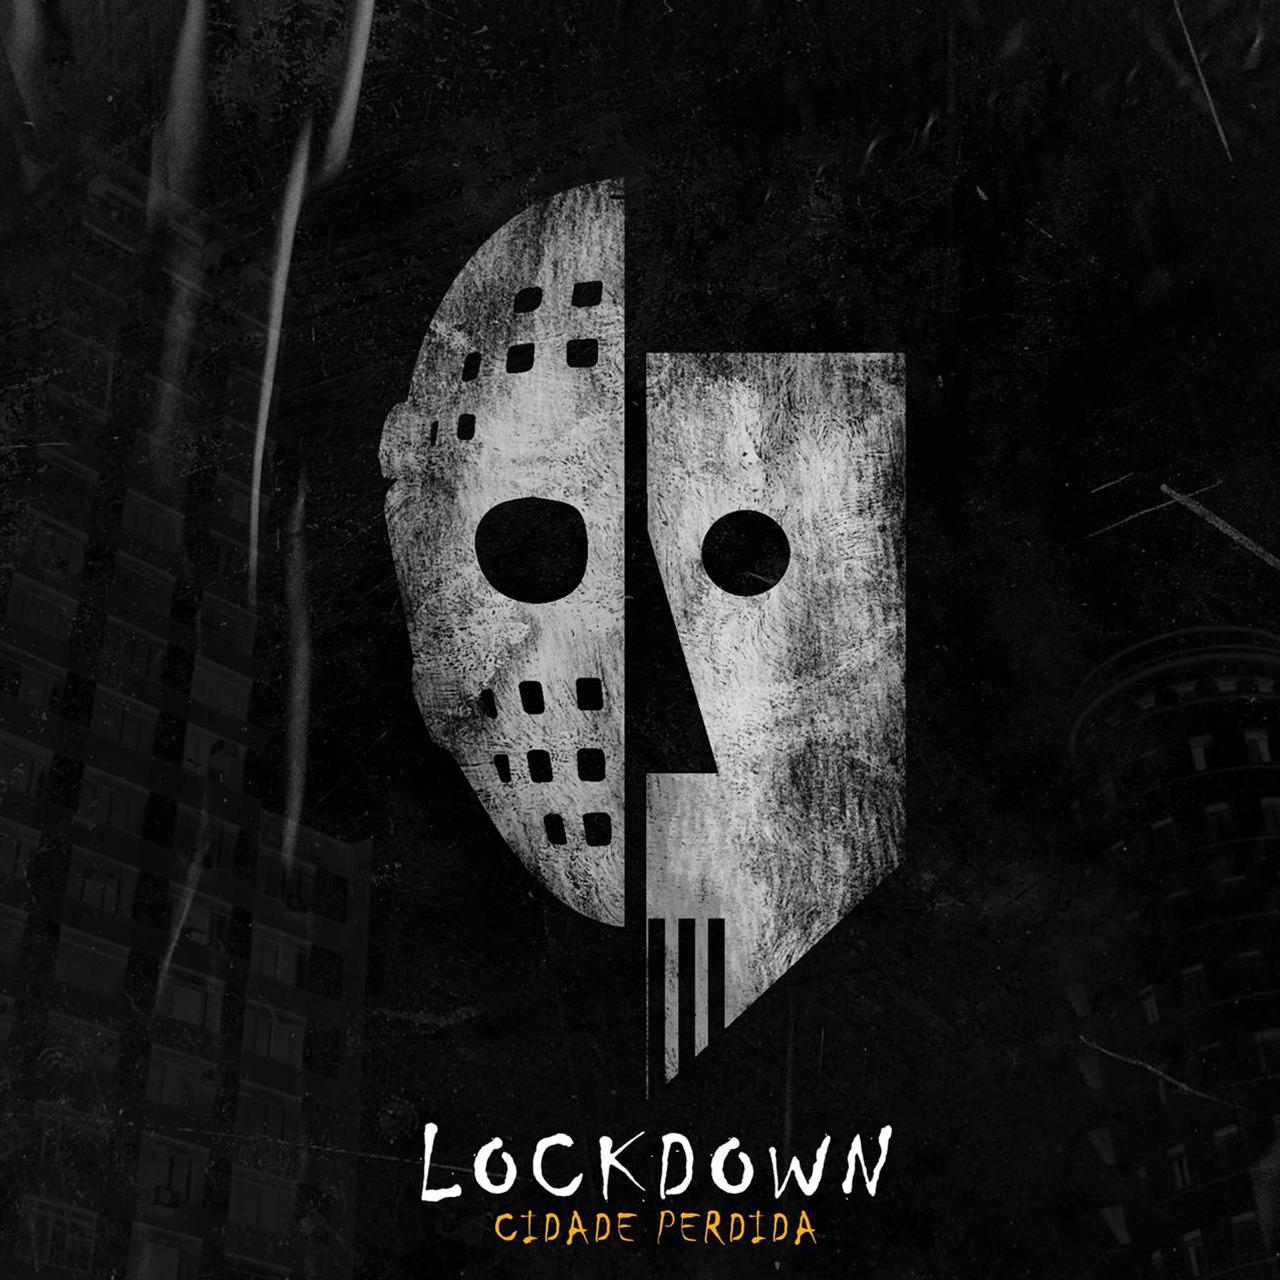 """Pavilhão 9 e BaianaSystem lançam a faixa """"Lockdown"""" (Cidade Perdida)"""